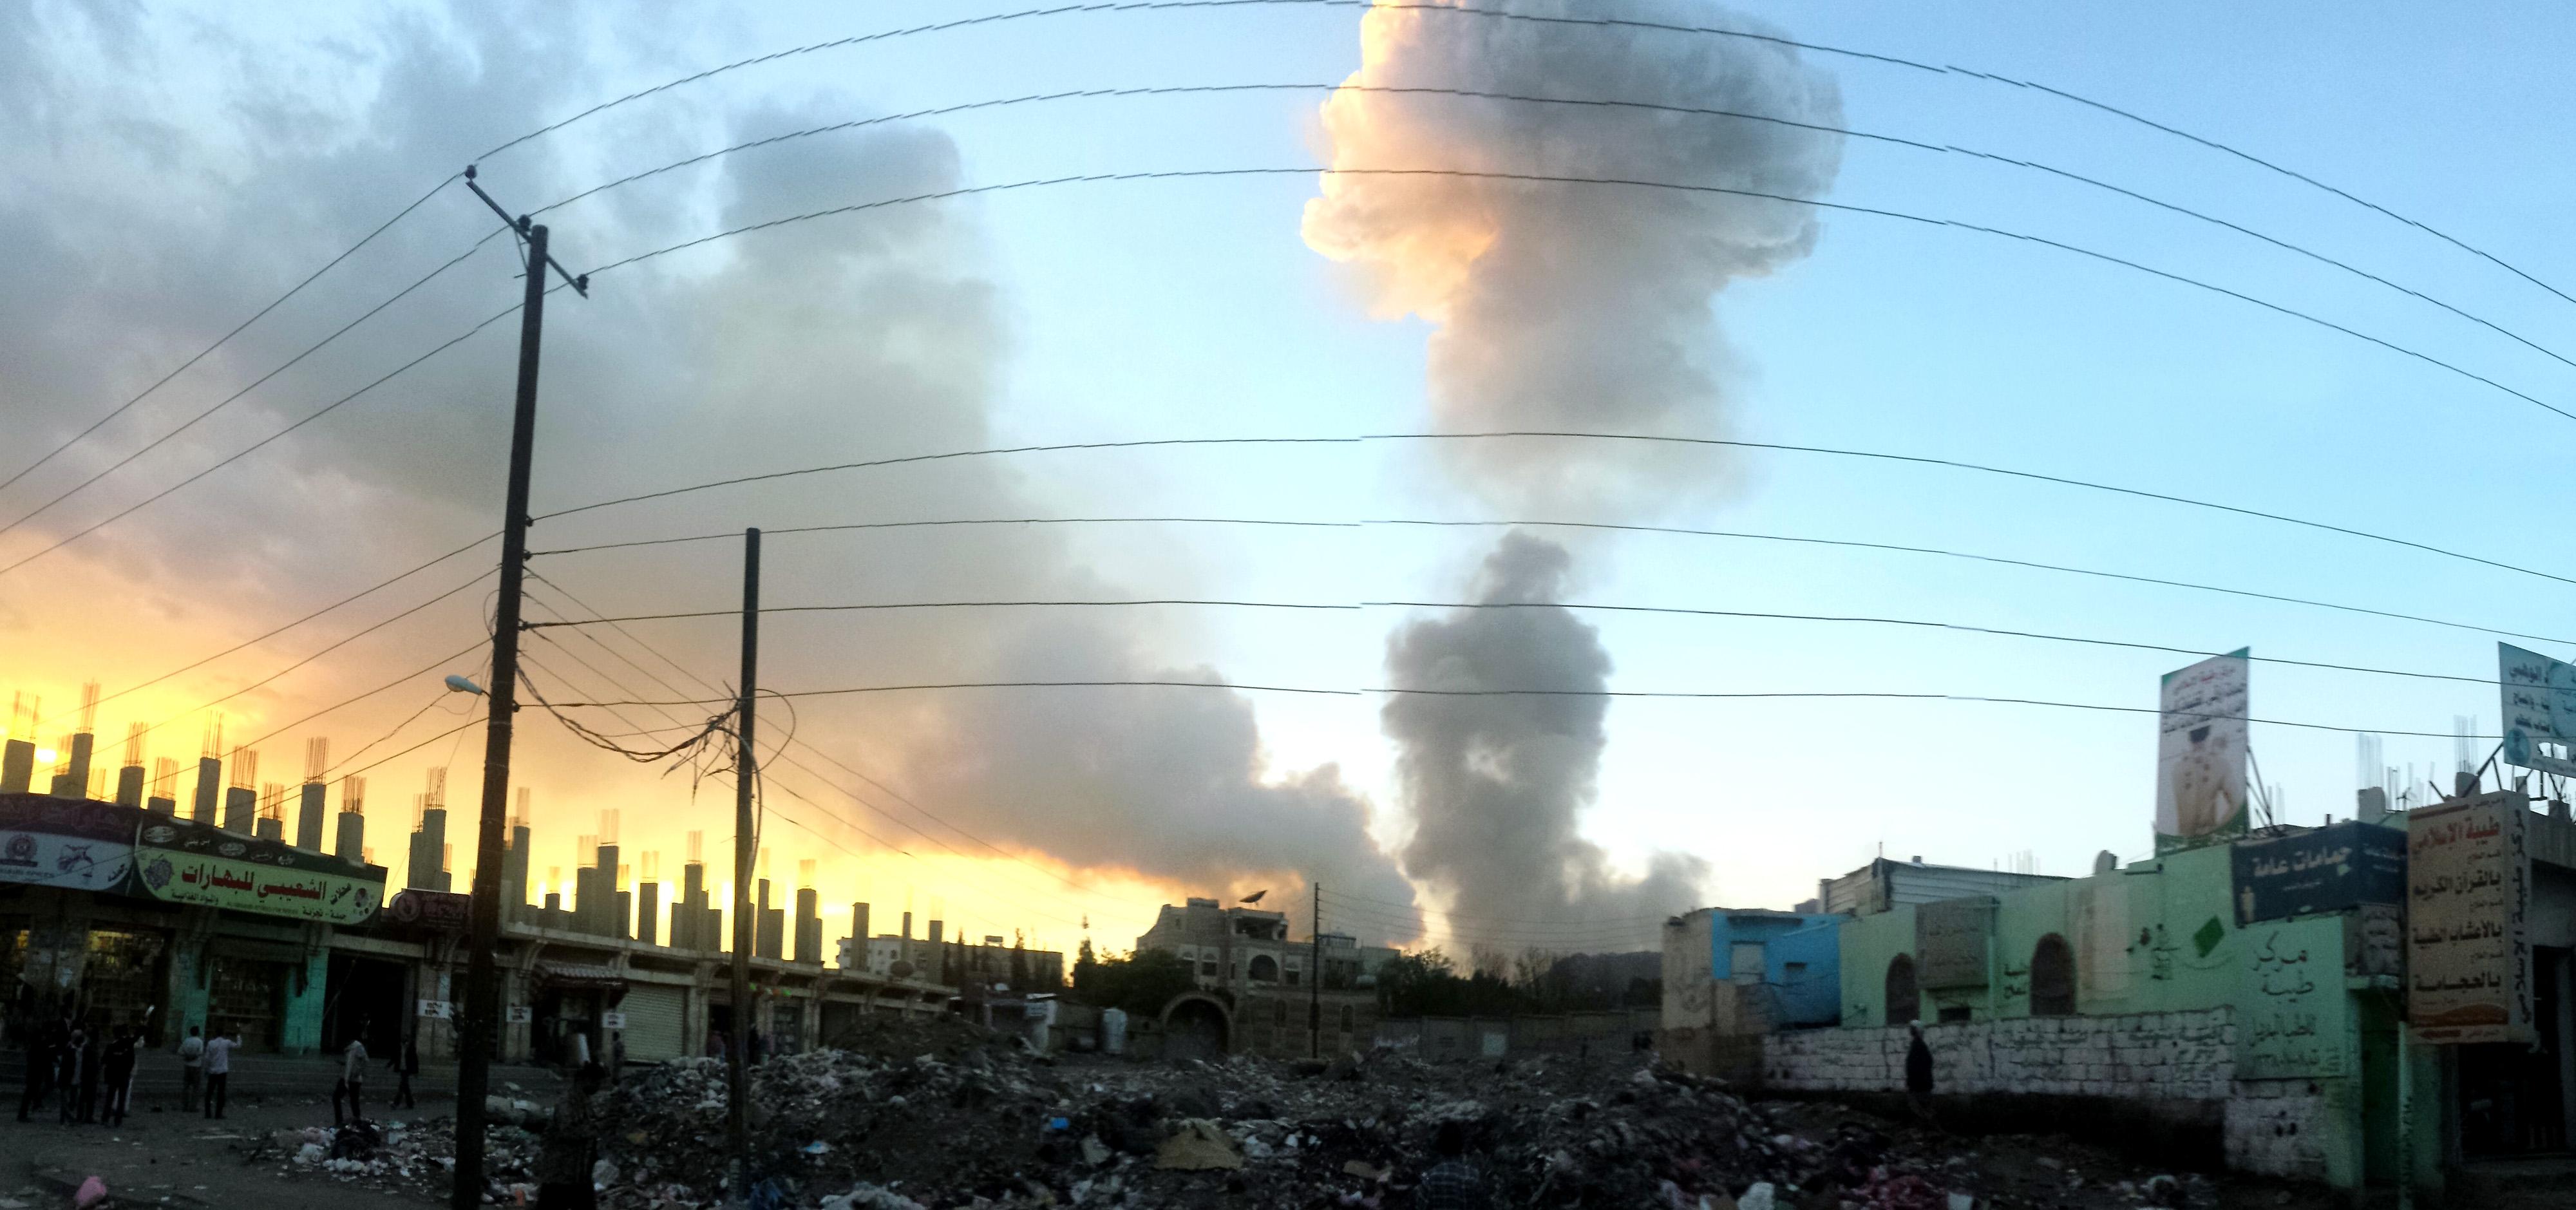 Luftangriff in Sanaa, Jemen, 5. November 2015: Ein Rauchpilz steigt im Hintergrund auf, im Vordergrund Trümmer und Ruinen von Häusern. aus